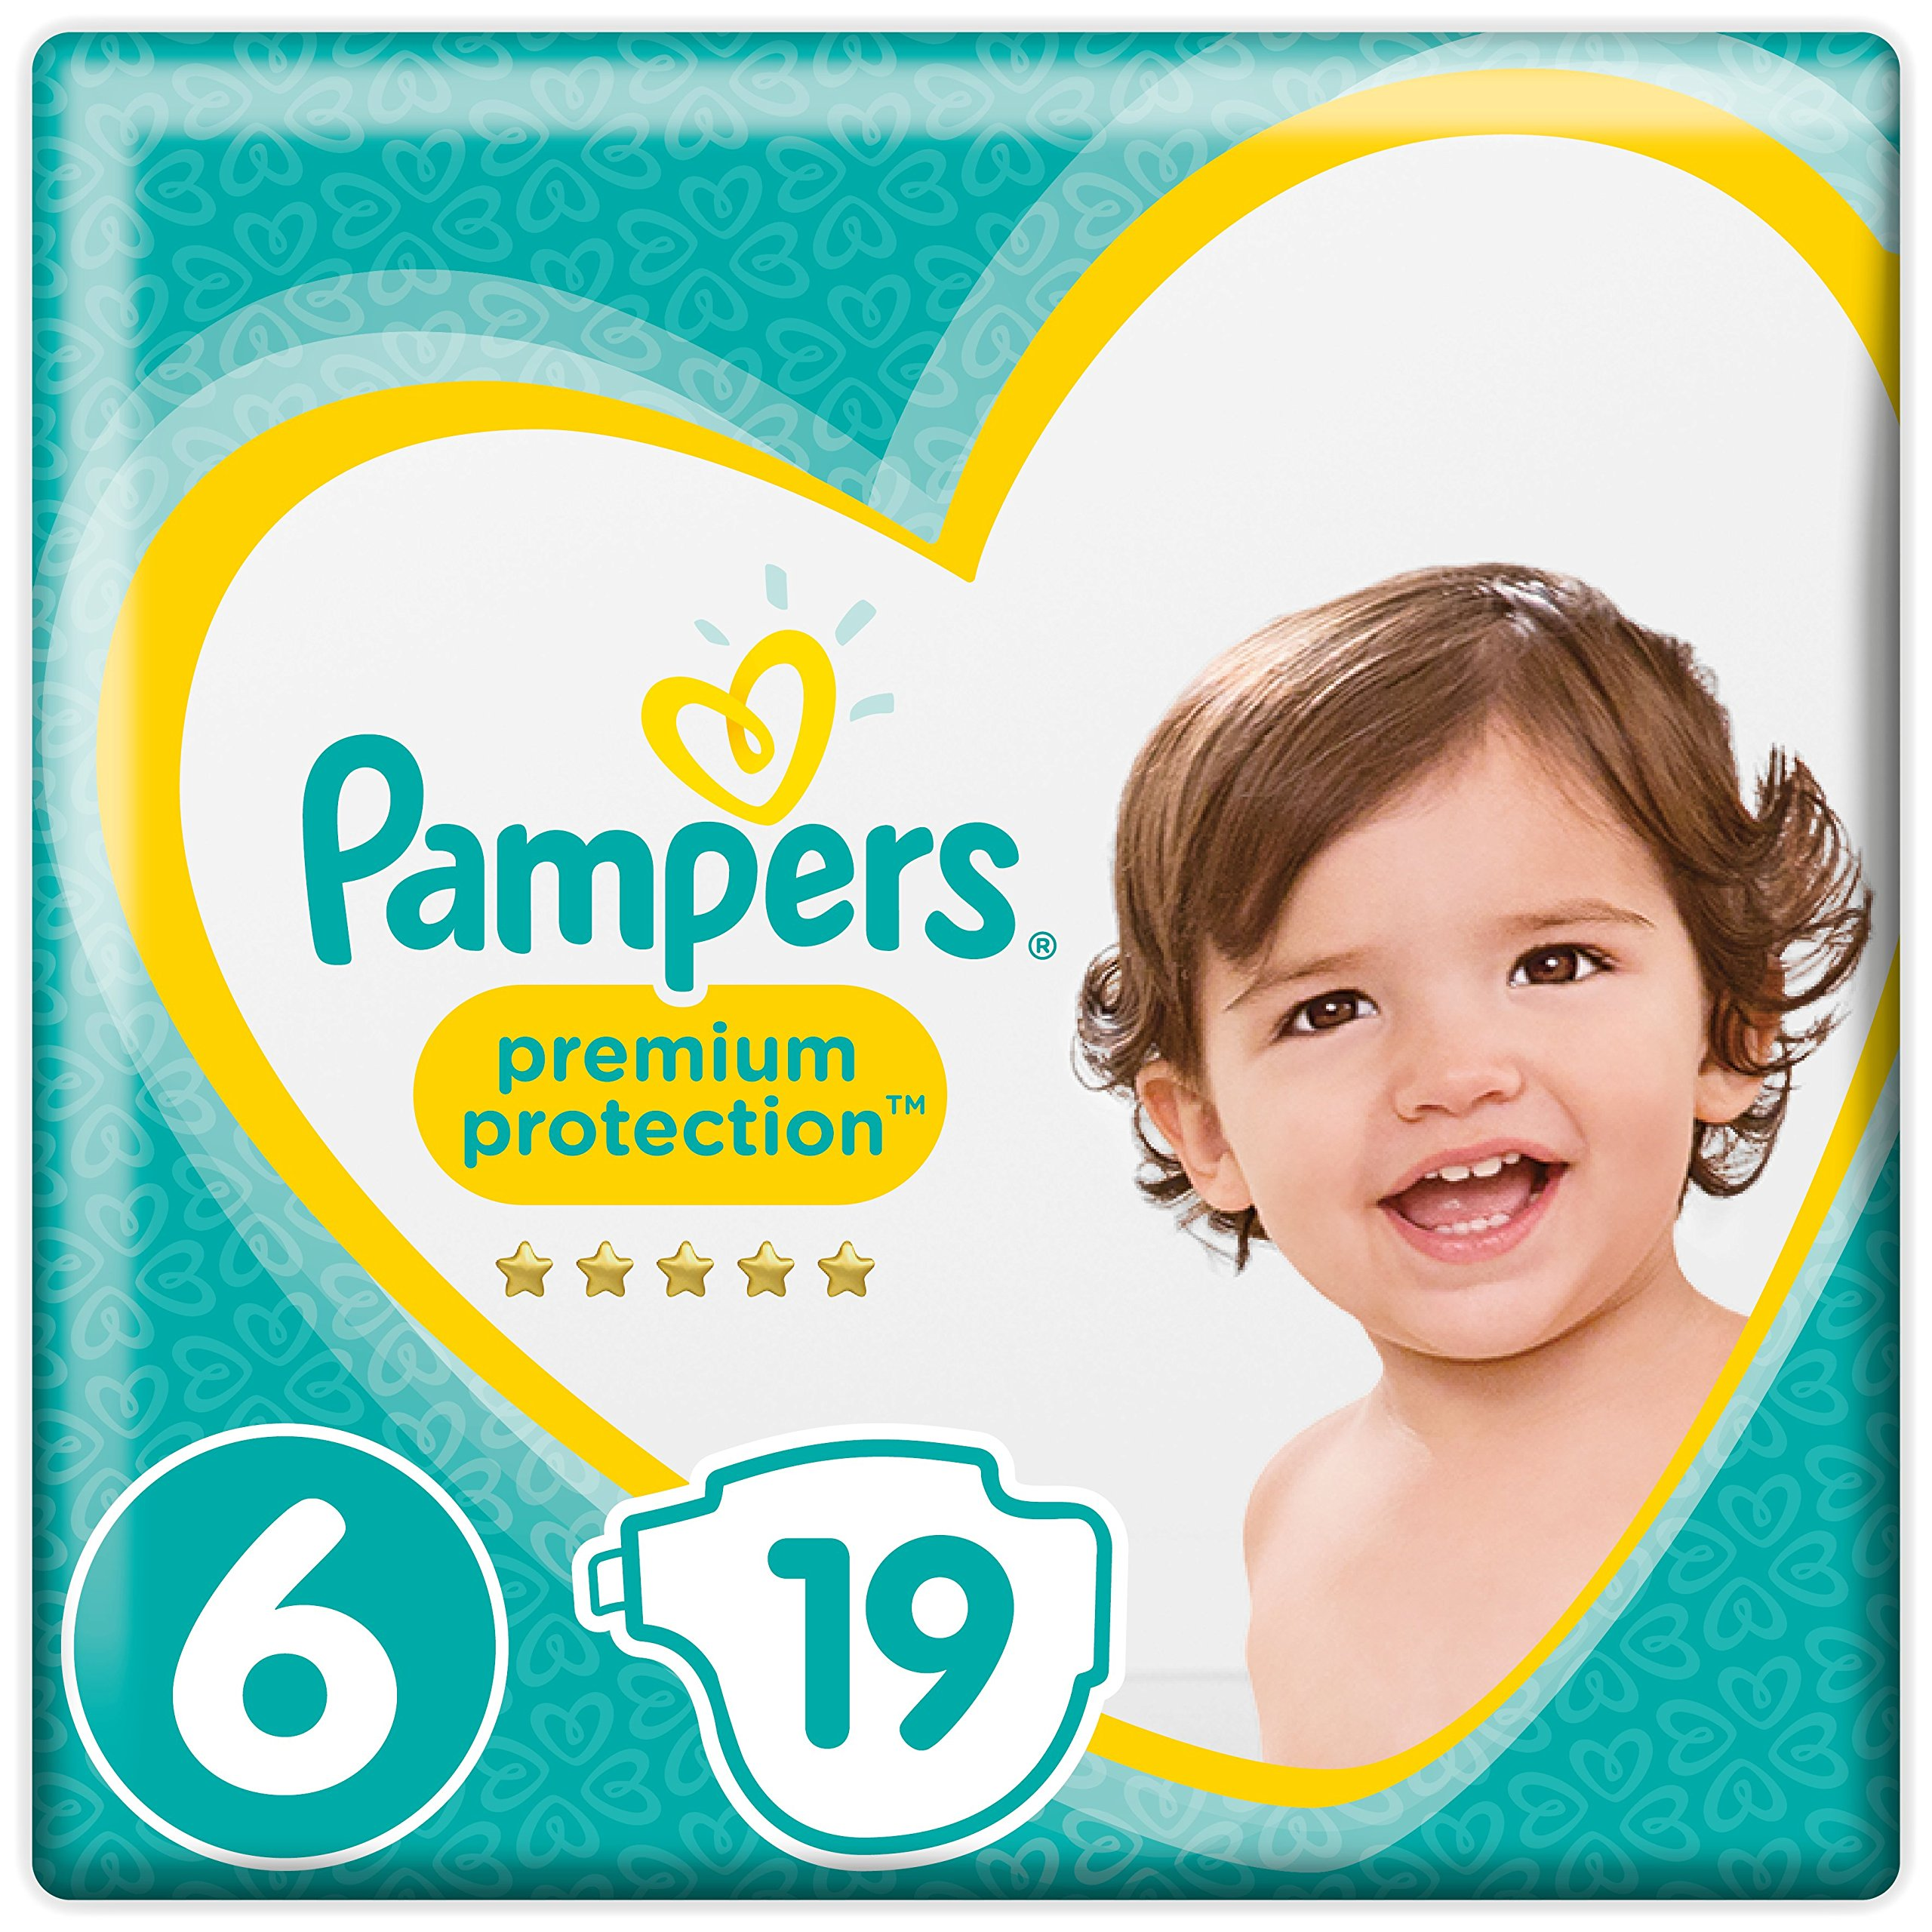 Pampers Pañales para Bebés, Protección Superior, talla 6 product image